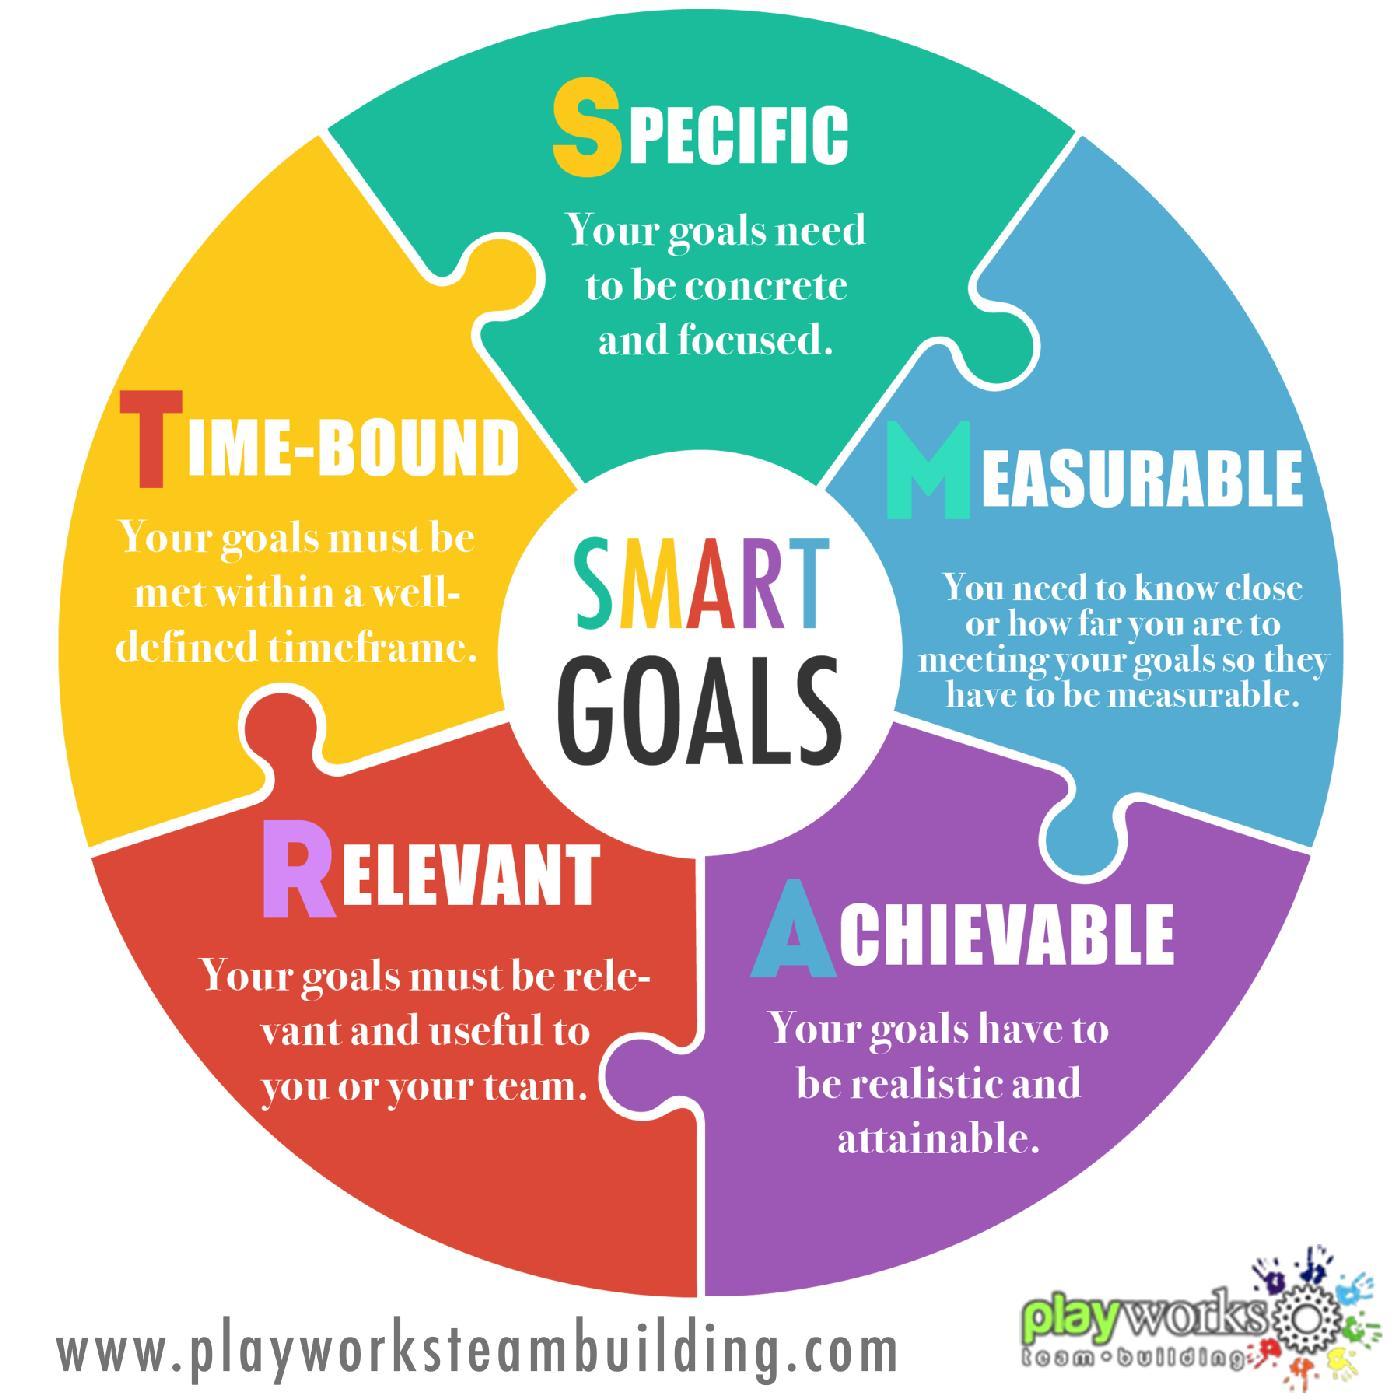 Pavillon Für Garten Genial Setting Goals for 2016 the Smart Way